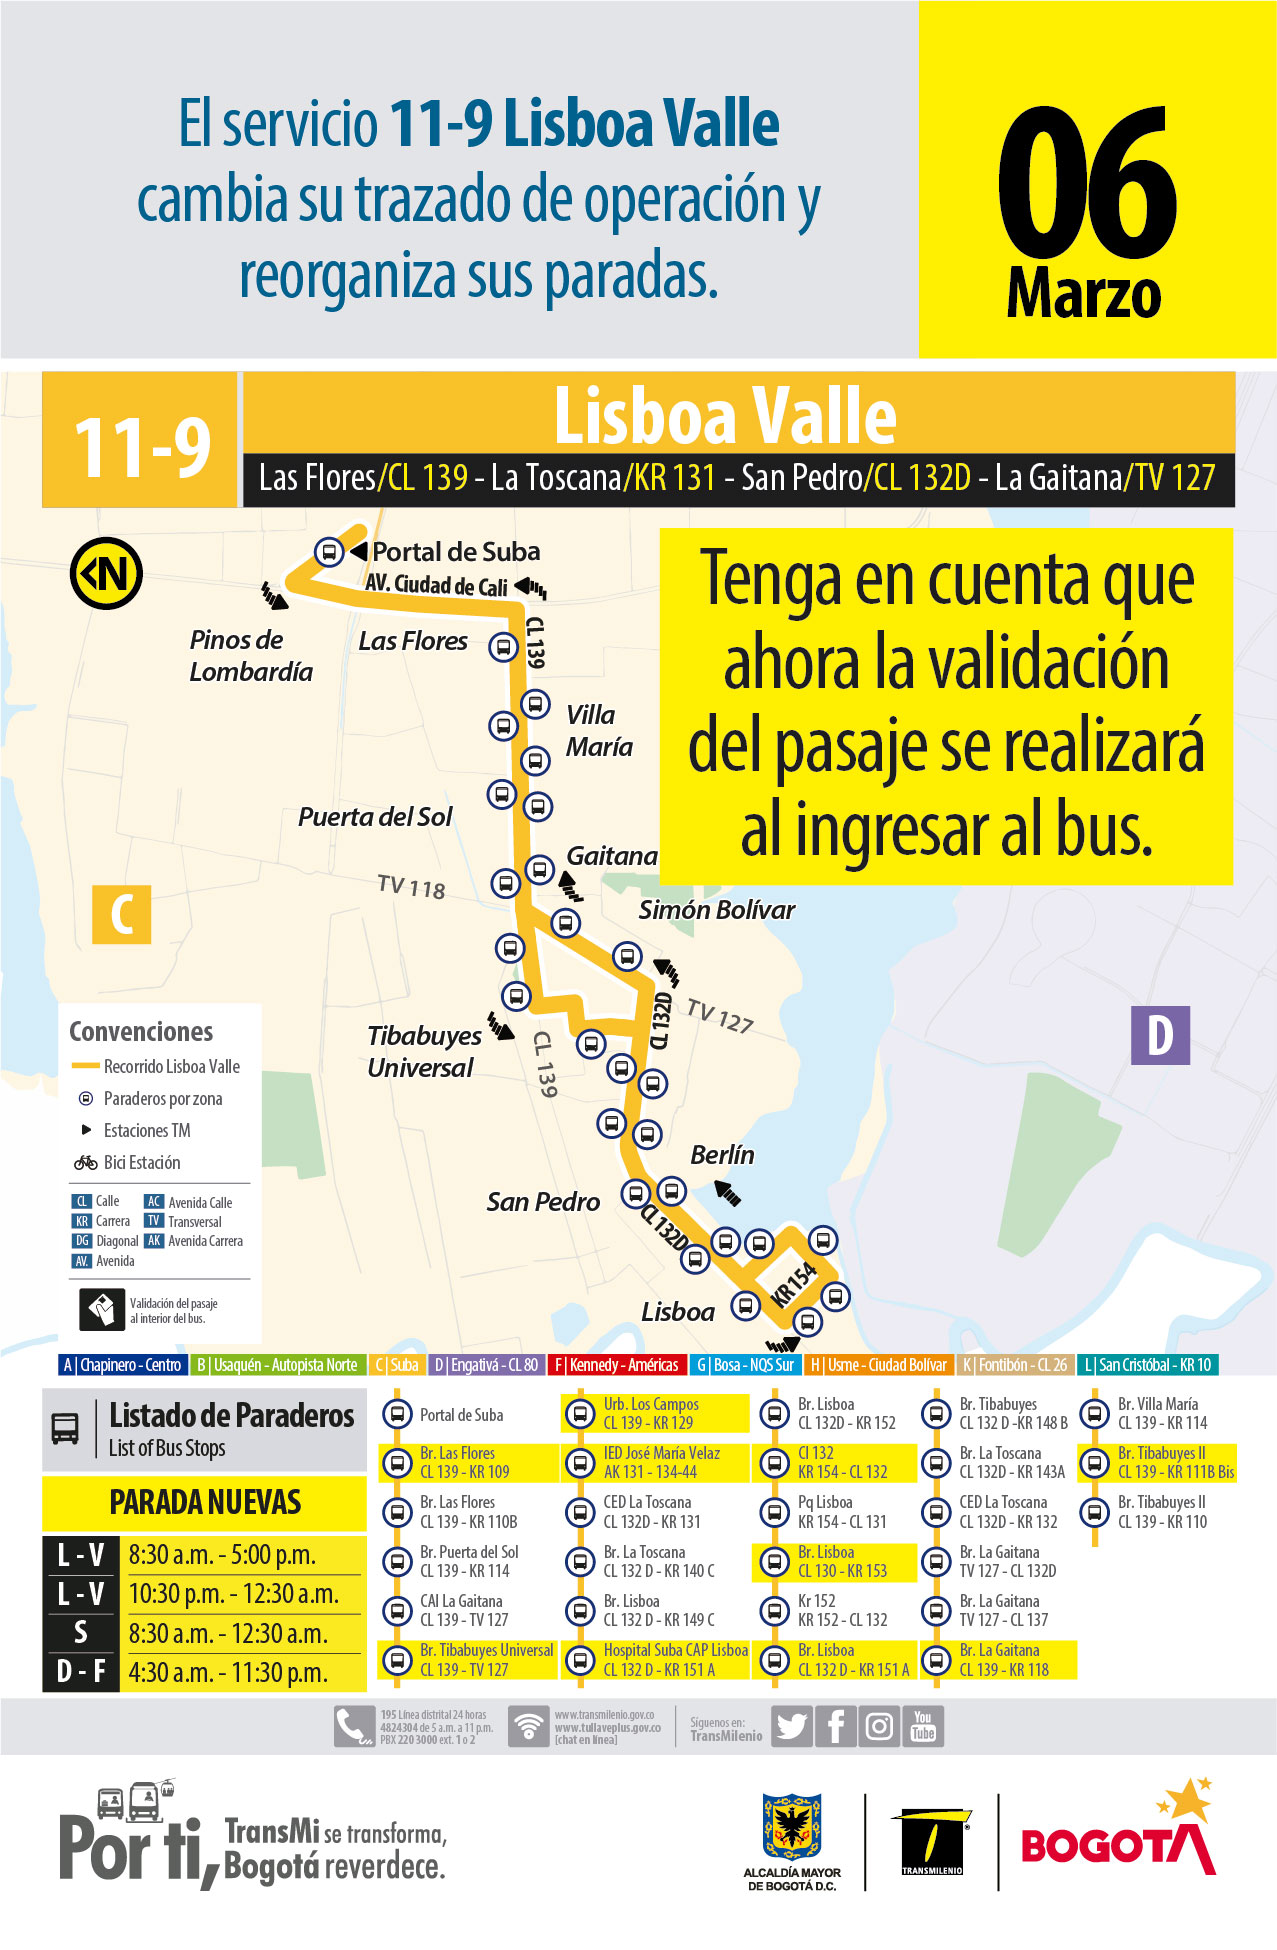 11-9 Lisboa Valle